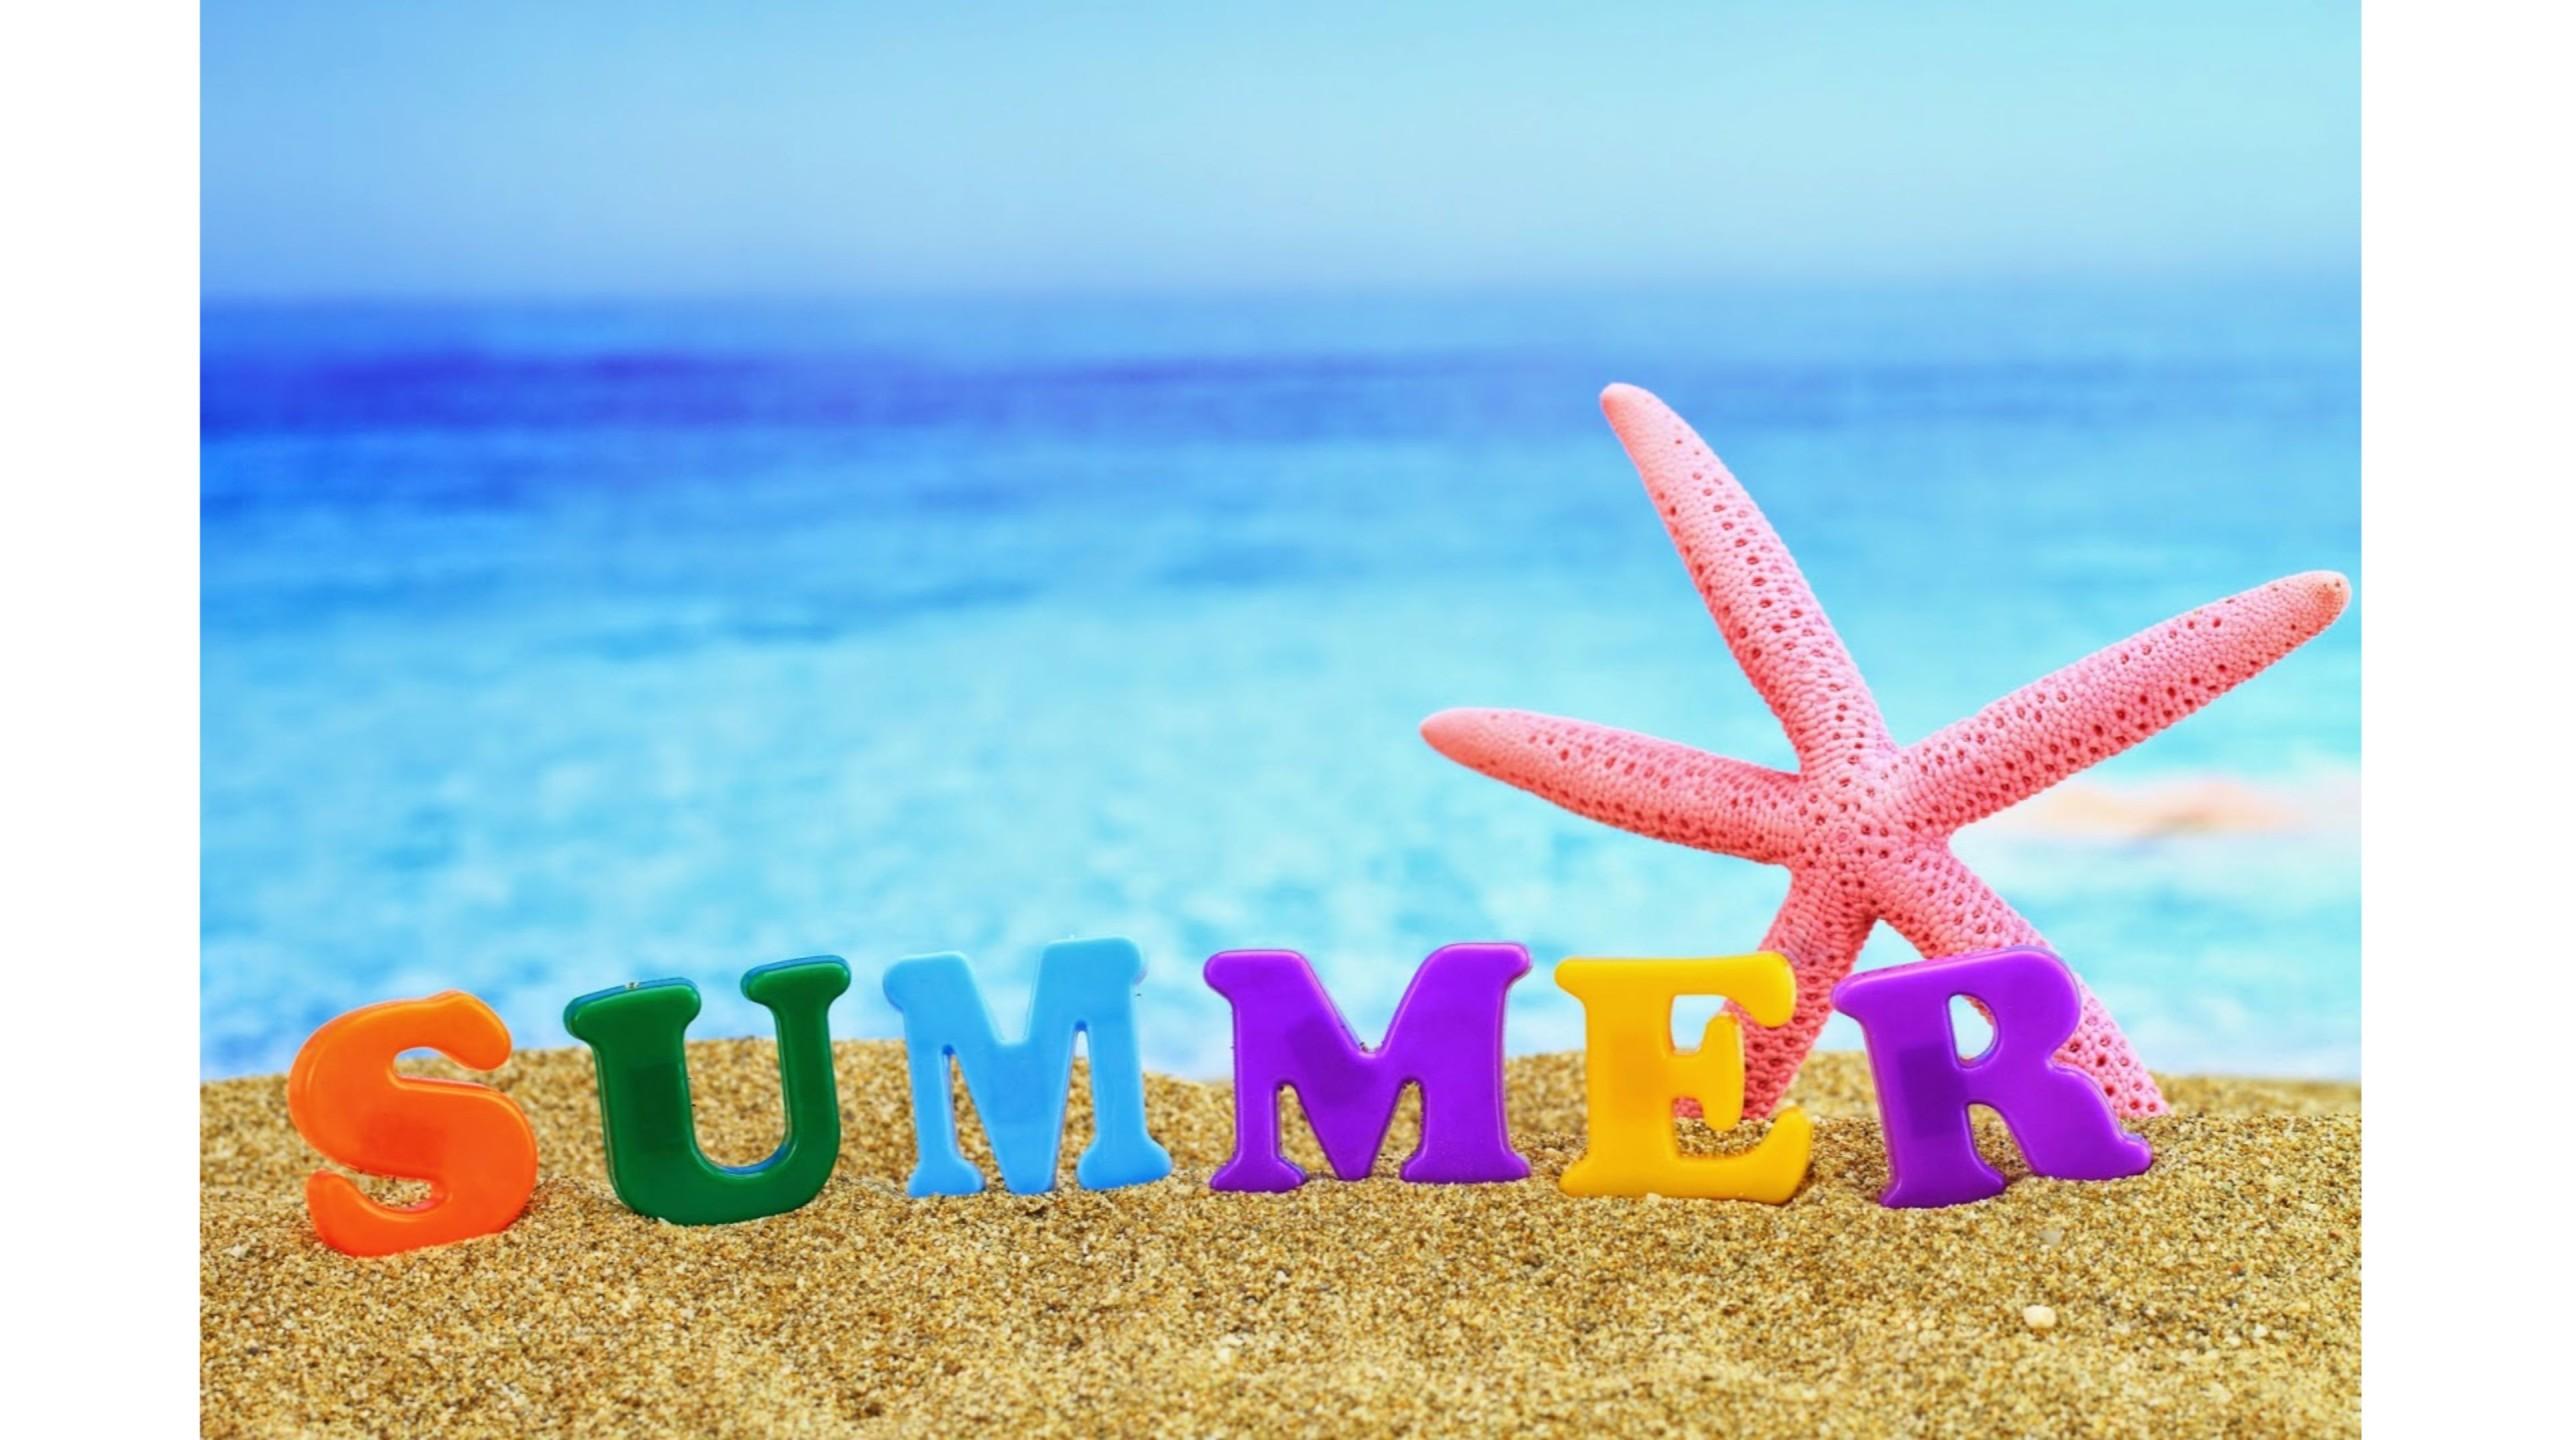 Creative Summer 4K Wallpaper 4K Wallpaper 2560x1440